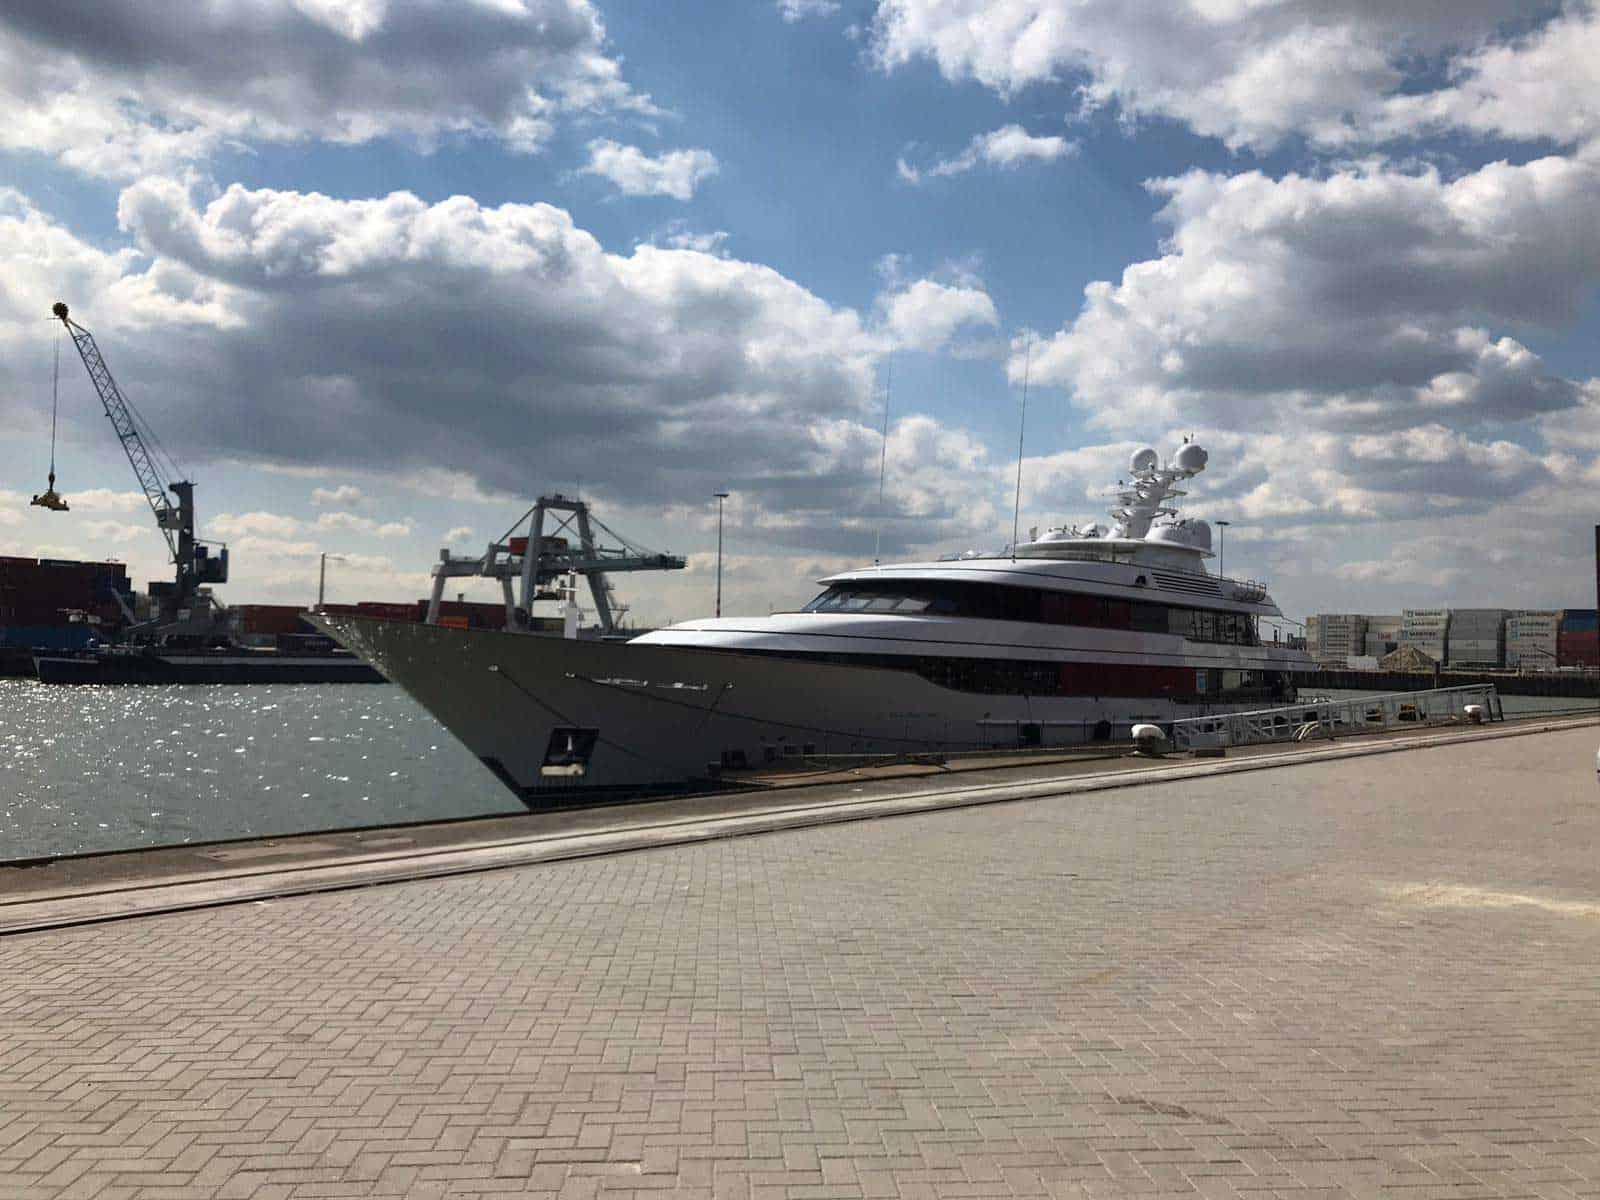 https://bridges2000.nl/wp-content/uploads/2021/04/bridges2000-project-yacht-gangway-2019-04.jpg